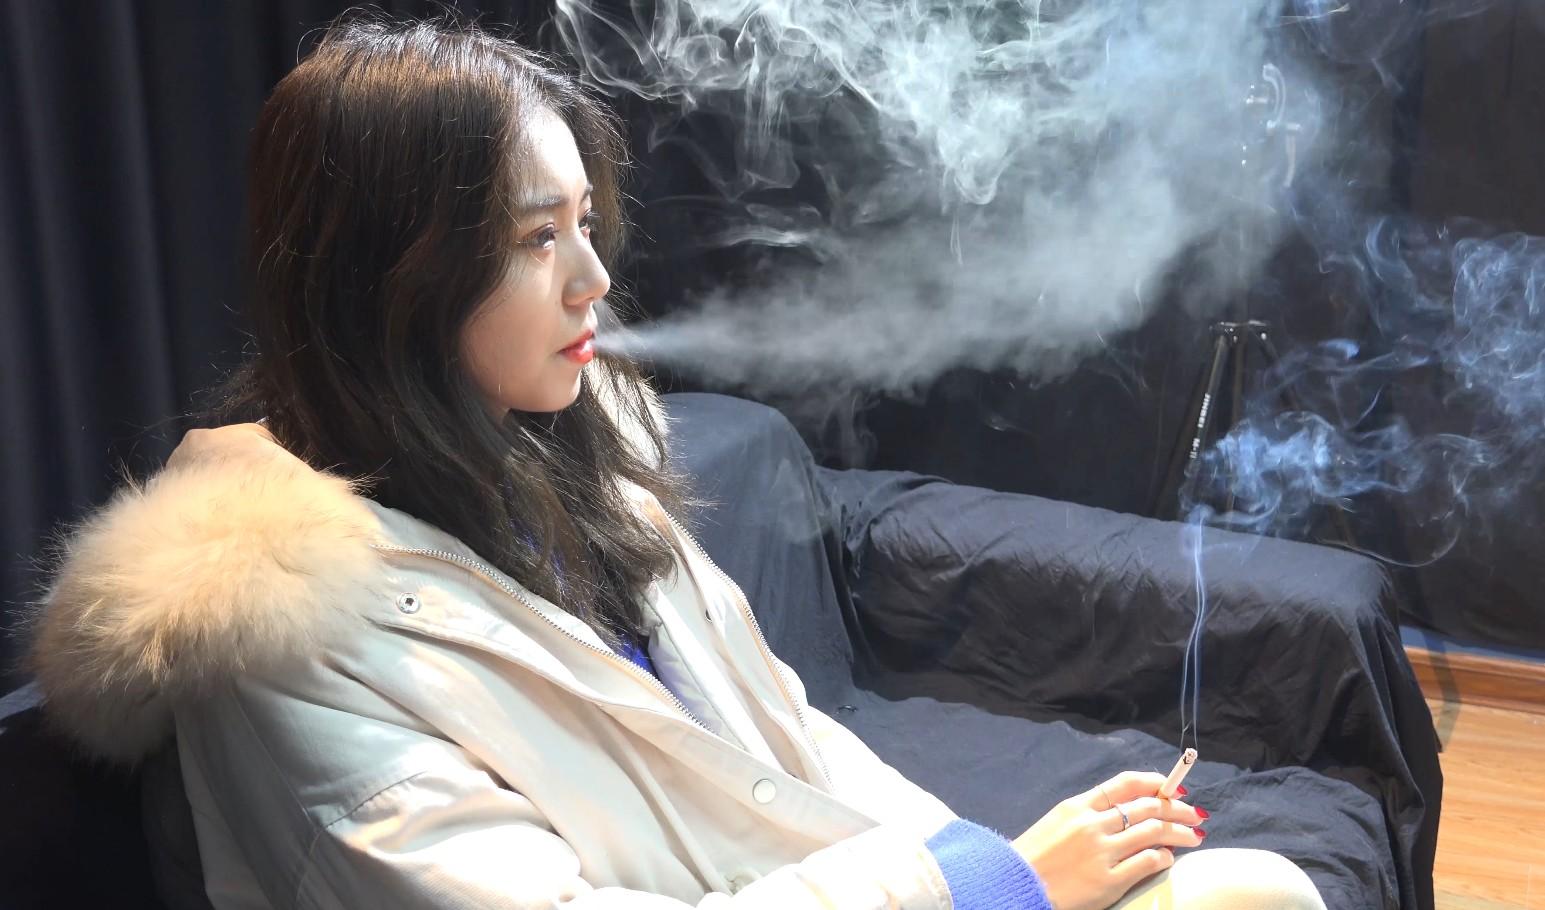 小姐姐高二的时候学会的抽烟是因为高考压大吗?[MP4/2.89GB/度盘/Dubox]